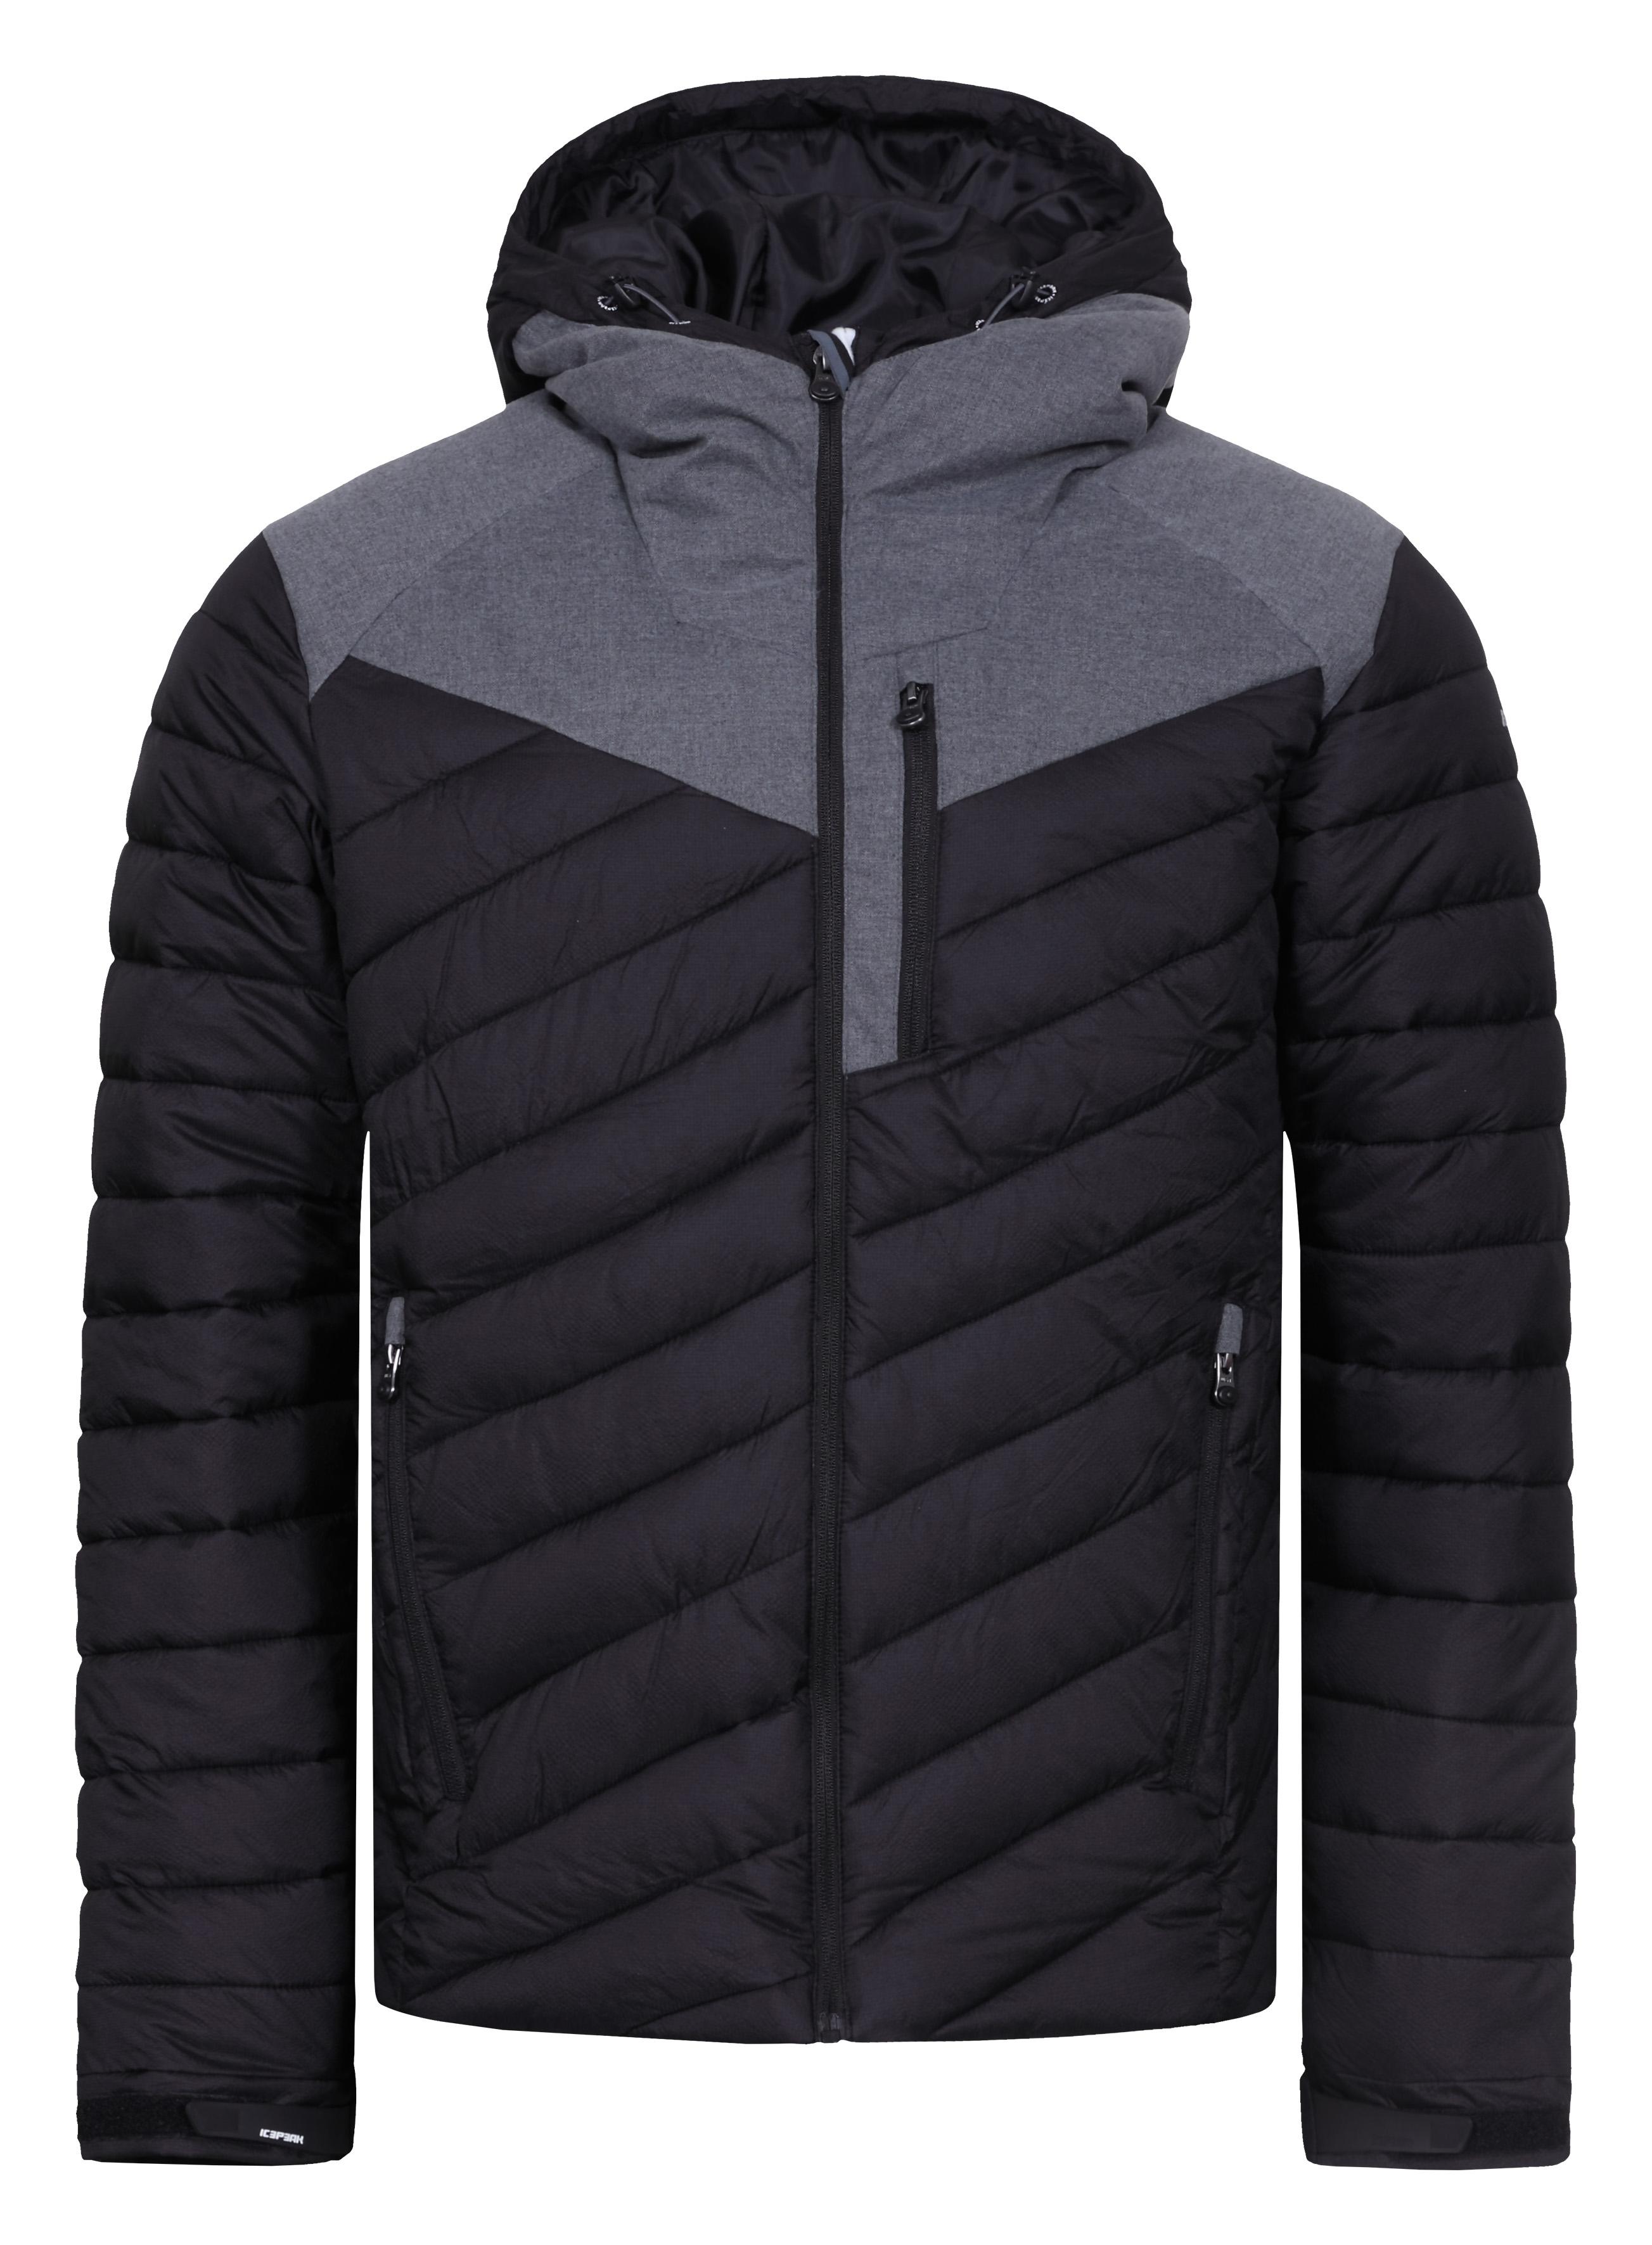 Image of   Icepeak Leal Outdoor Jacket men - Black